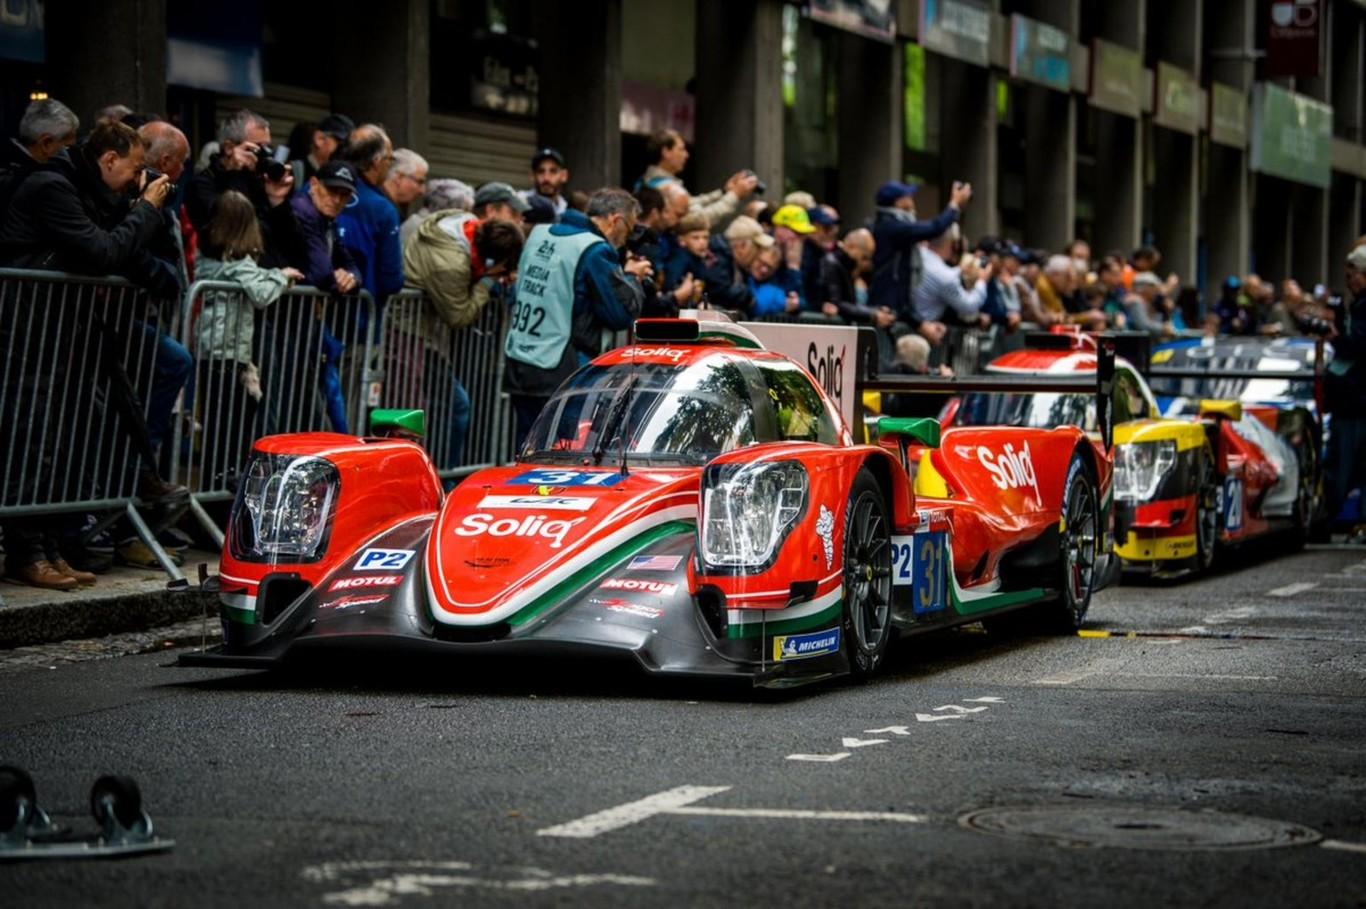 Correr las 24 Horas de Le Mans para descansar. Así es la vida del Gentleman Driver según el piloto Roberto...